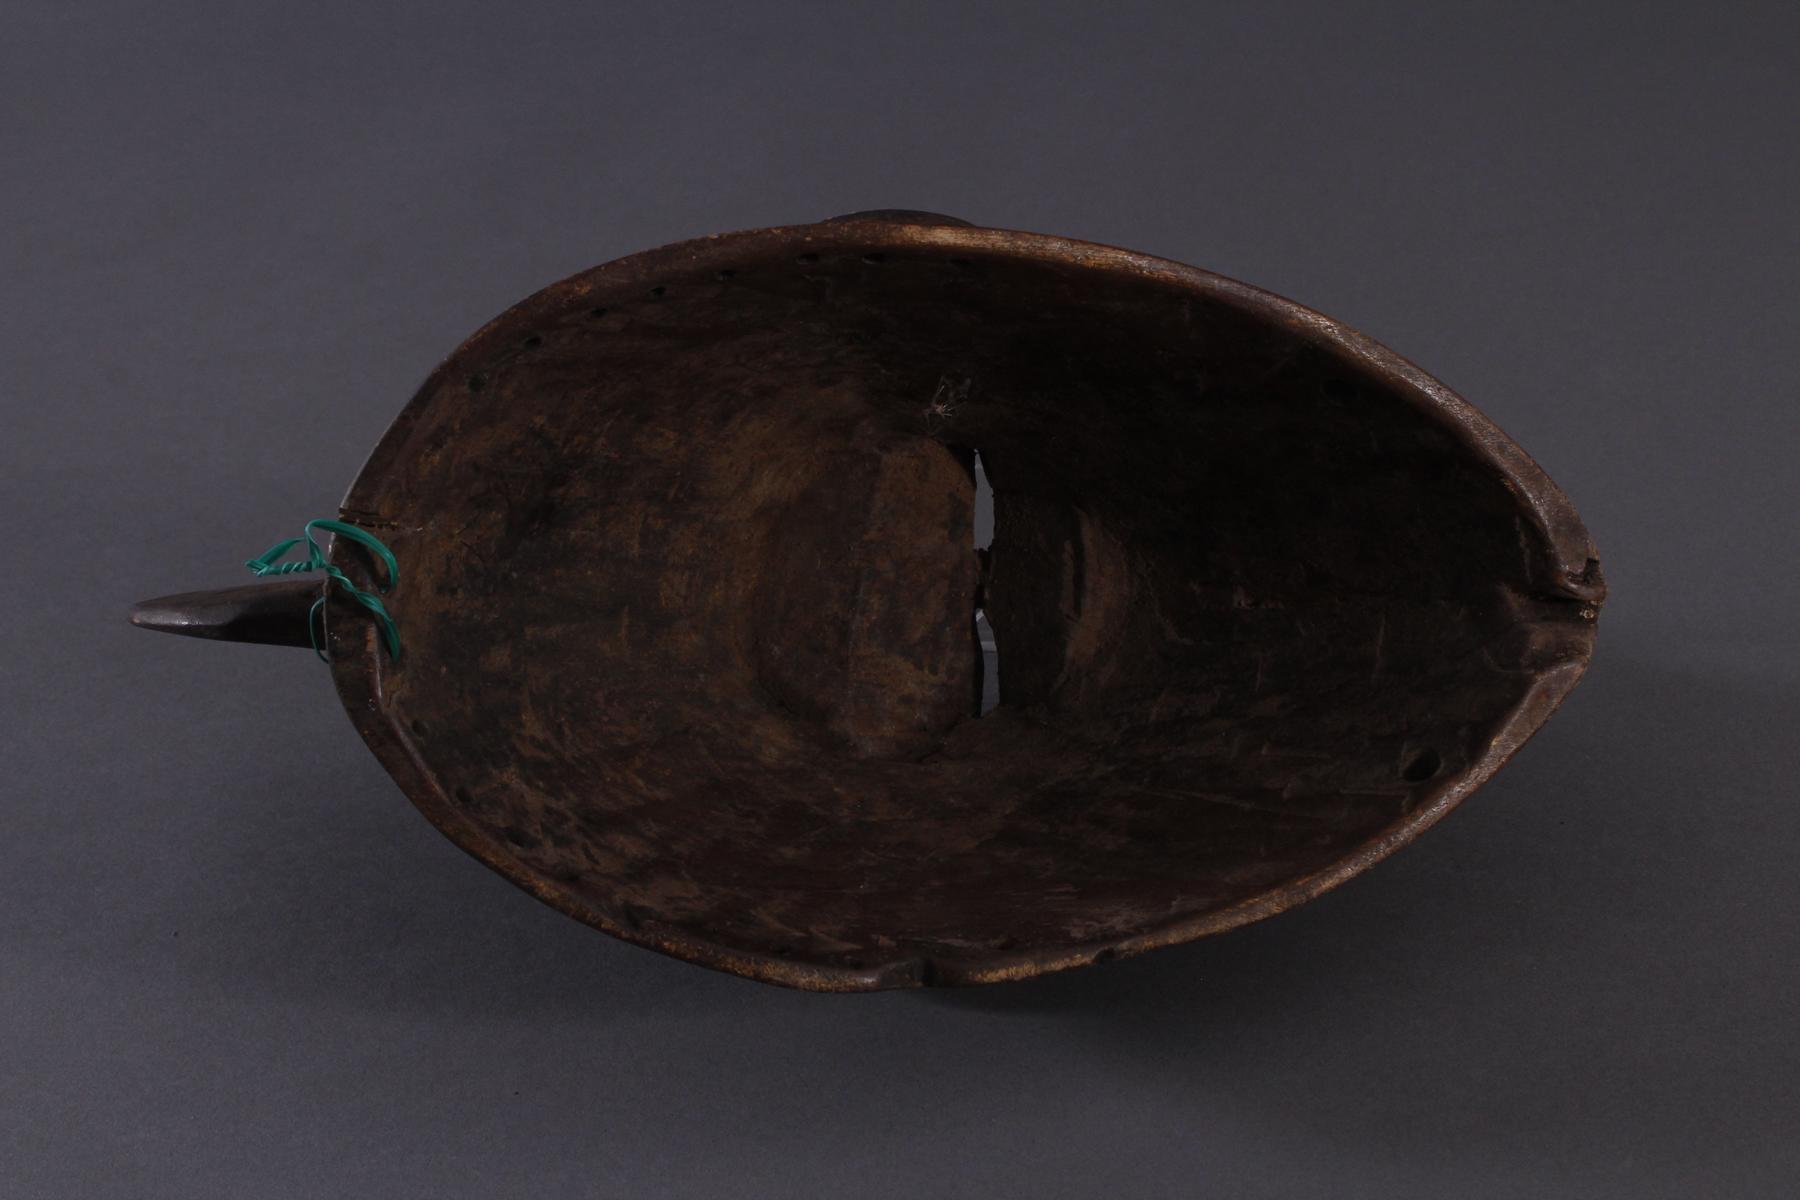 Antike Maske, Baule, Elfenbeinküste 1. Hälfte 20. Jh.Holz geschnitzt,dunkle Patina, Reste von - Bild 6 aus 6